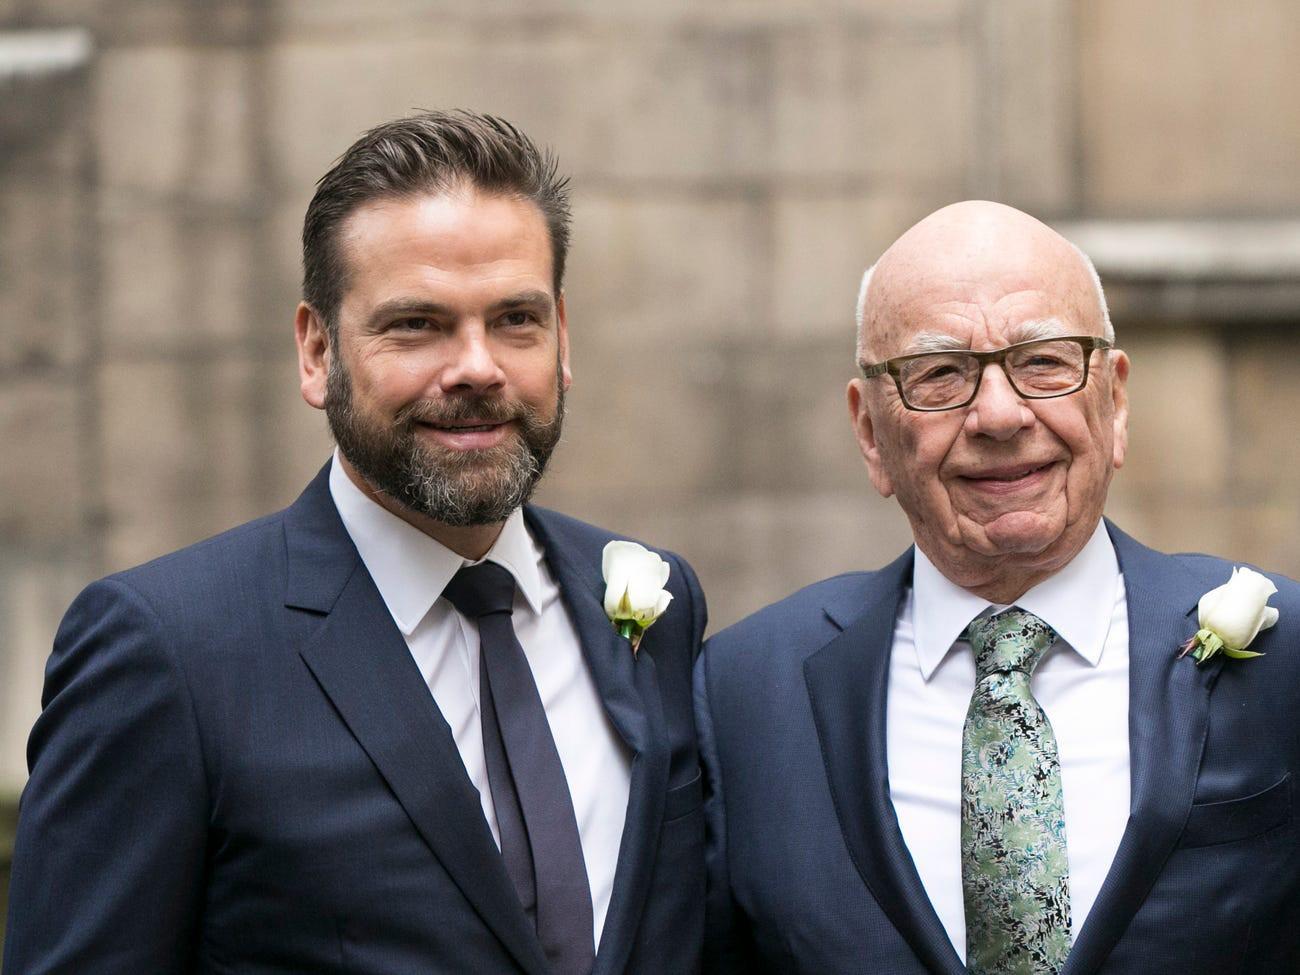 Con trai của tỷ phú Rupert Murdoch, Lachlan Murdoch (trái) là chủ nhân mới của dinh thự Chartwell. Lachlan Murdoch là đồng chủ tịch tại công ty của cha mình, News Corp. Đây là công ty đứng sau nhiều tờ báo như Wall Street Journal và New York Post.